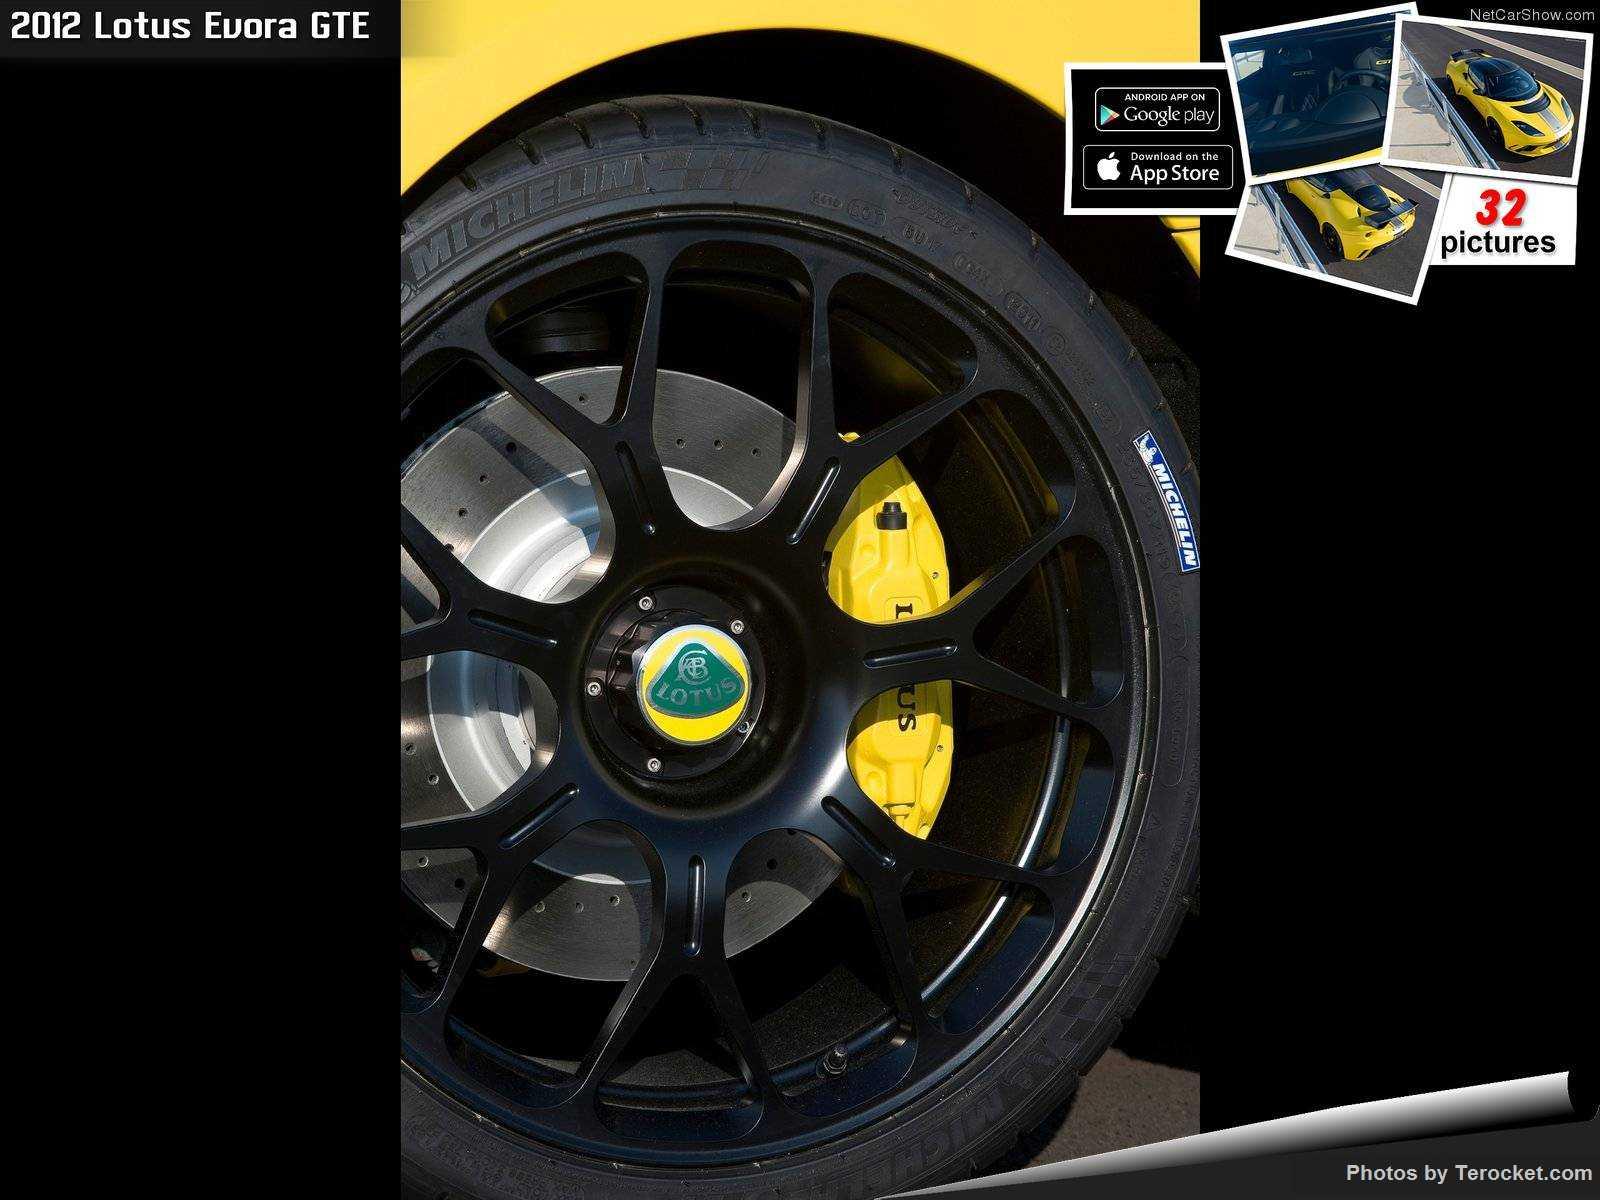 Hình ảnh siêu xe Lotus Evora GTE 2012 & nội ngoại thất